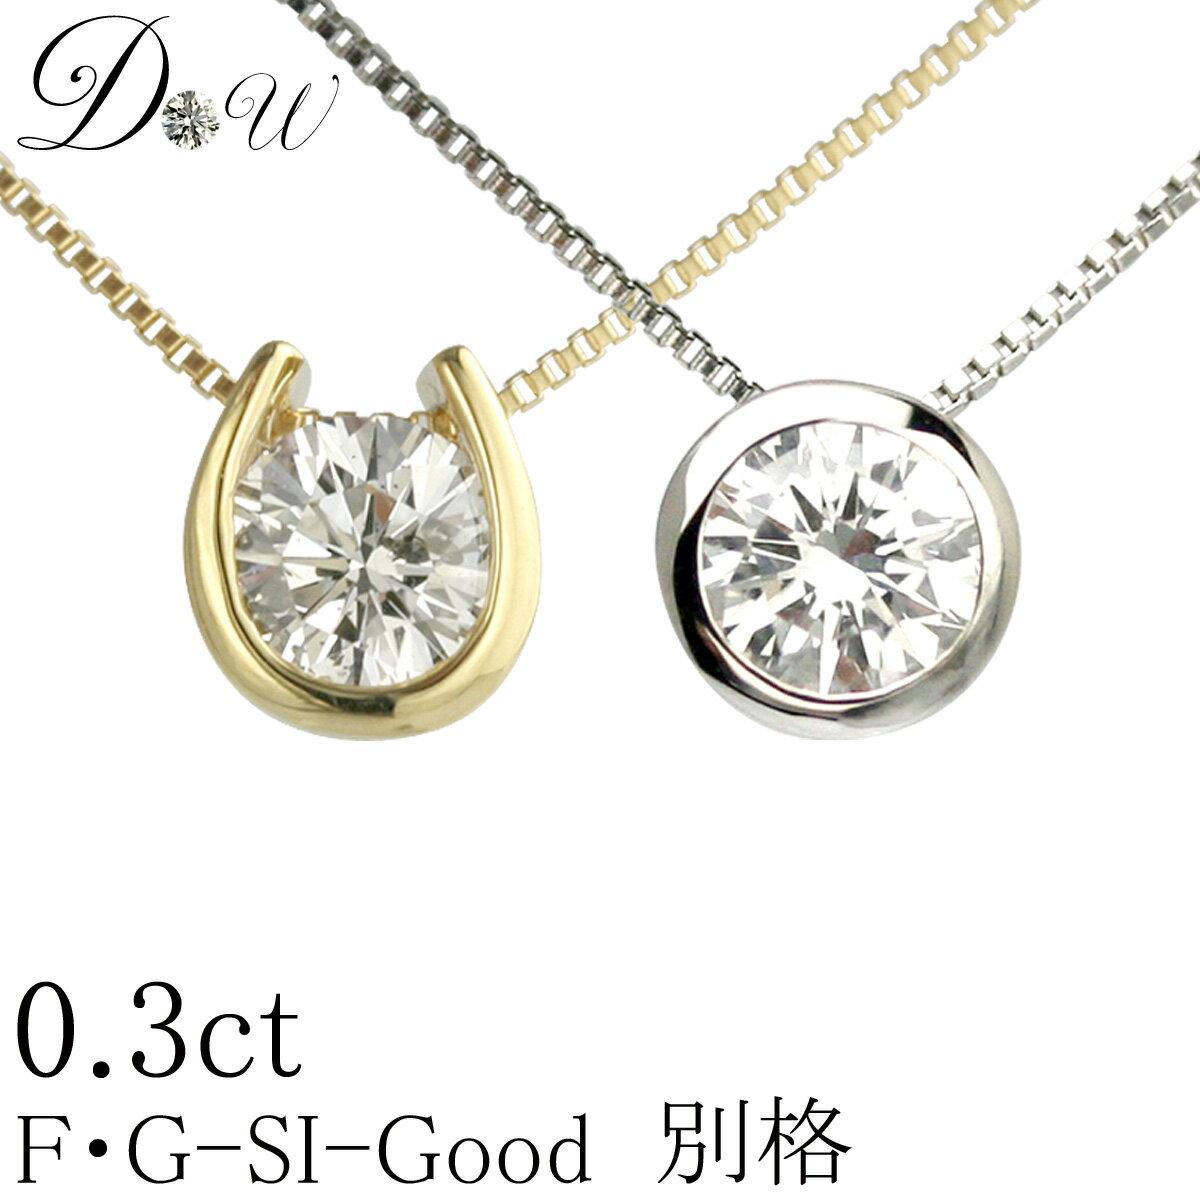 ダイヤモンド ネックレス 0.3ct天然ダイヤモンド 無色透明 F・GカラーSIクラス Goodカット品質保証書付【輝き厳選保証】